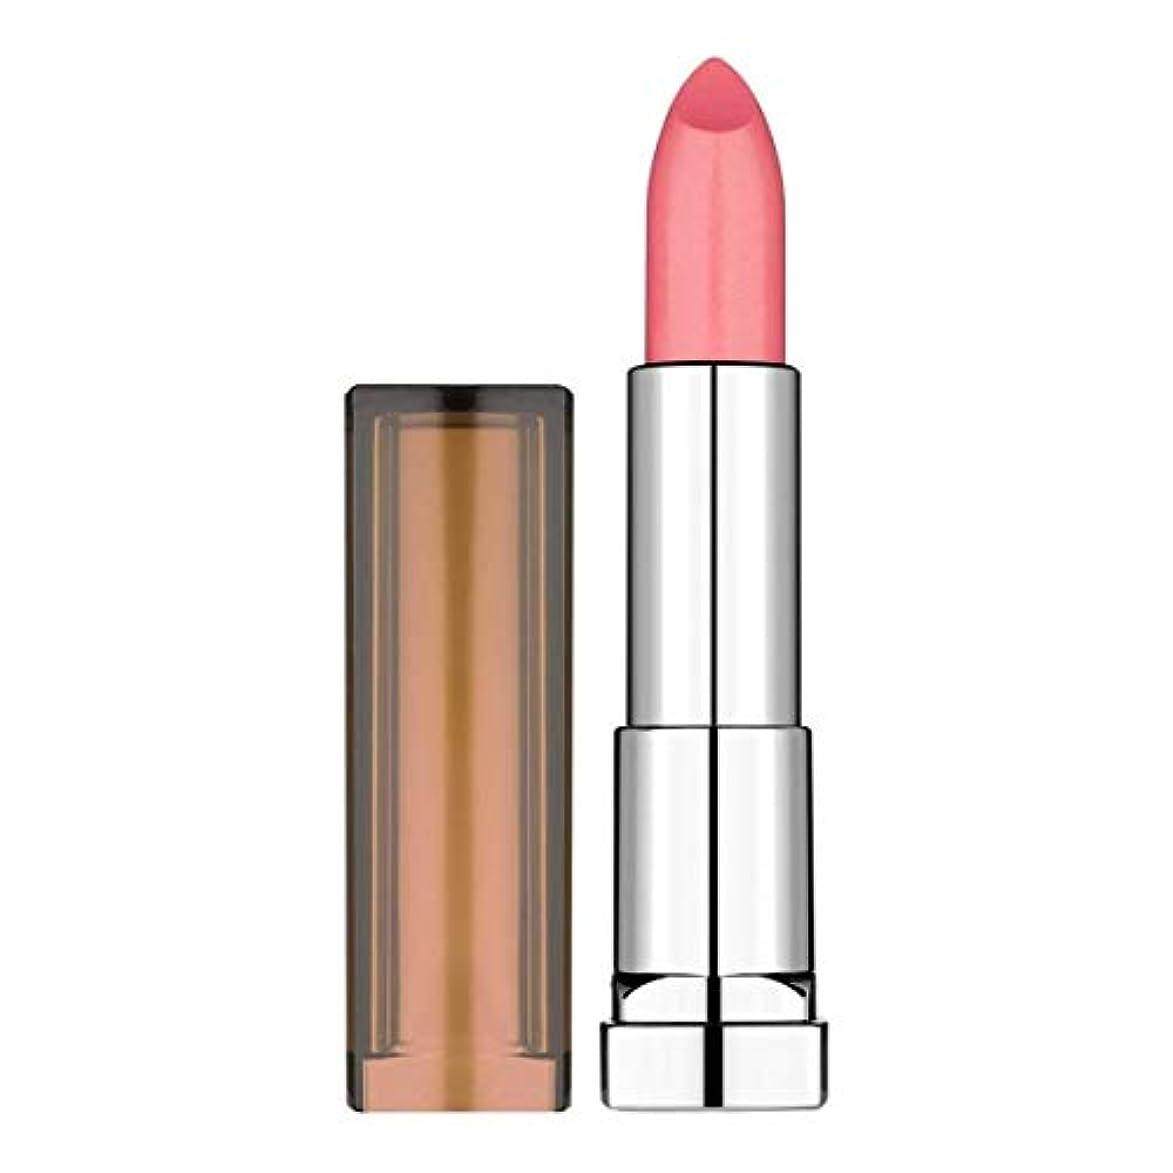 先生ピザハウスMaybelline Neu York Color Sensational Lippenstift - 157 More To Adore